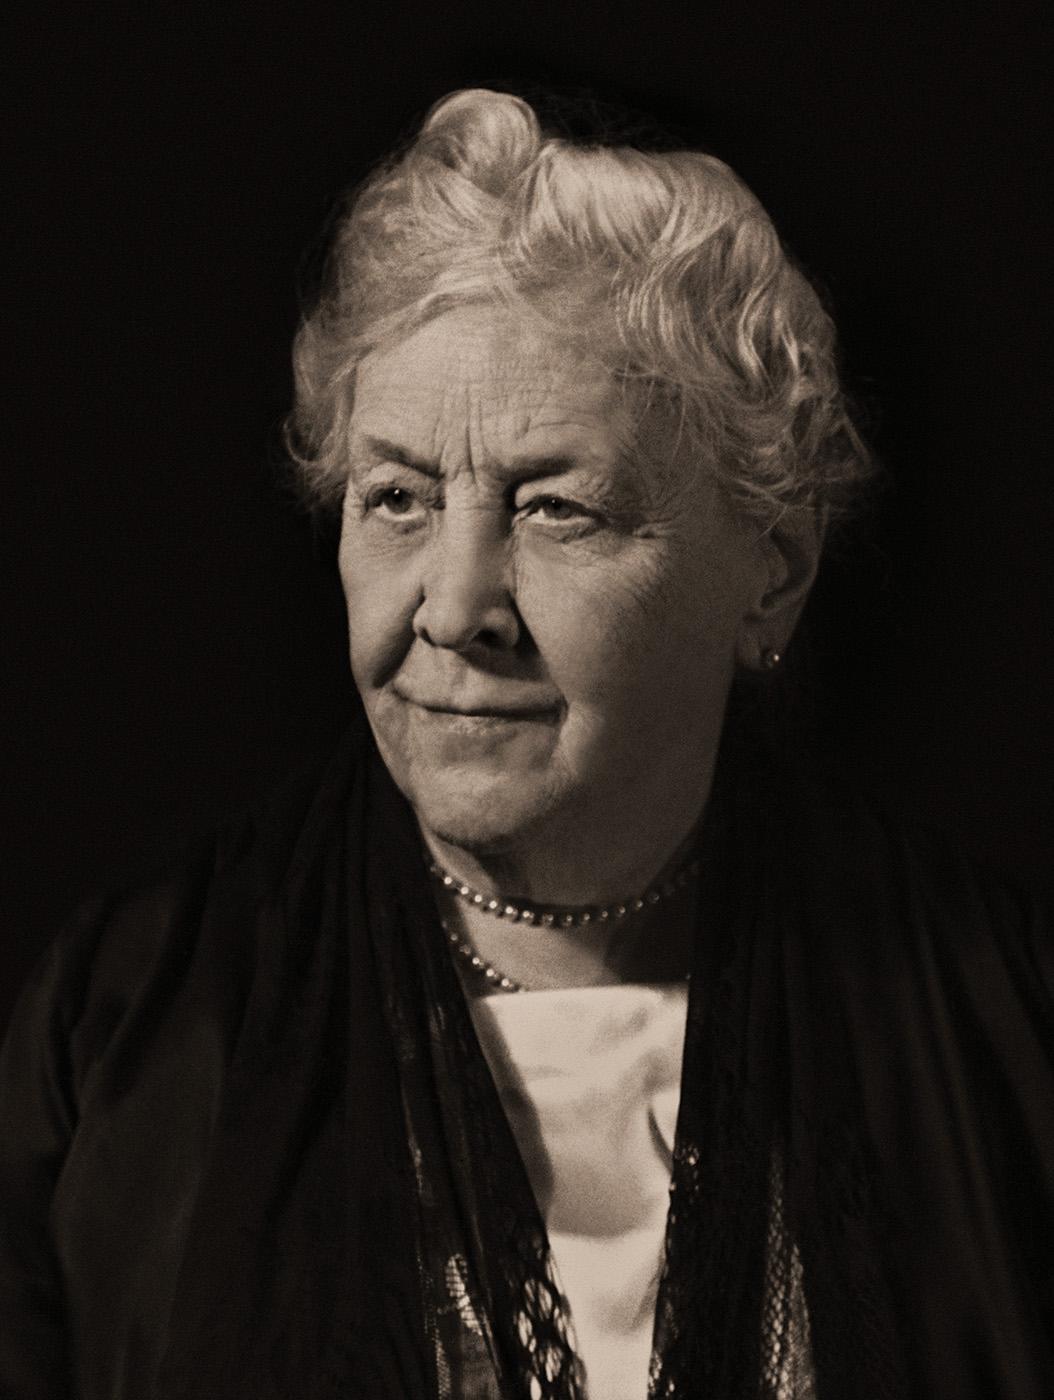 Sara Delano Roosevelt, mother of FDR, 1939